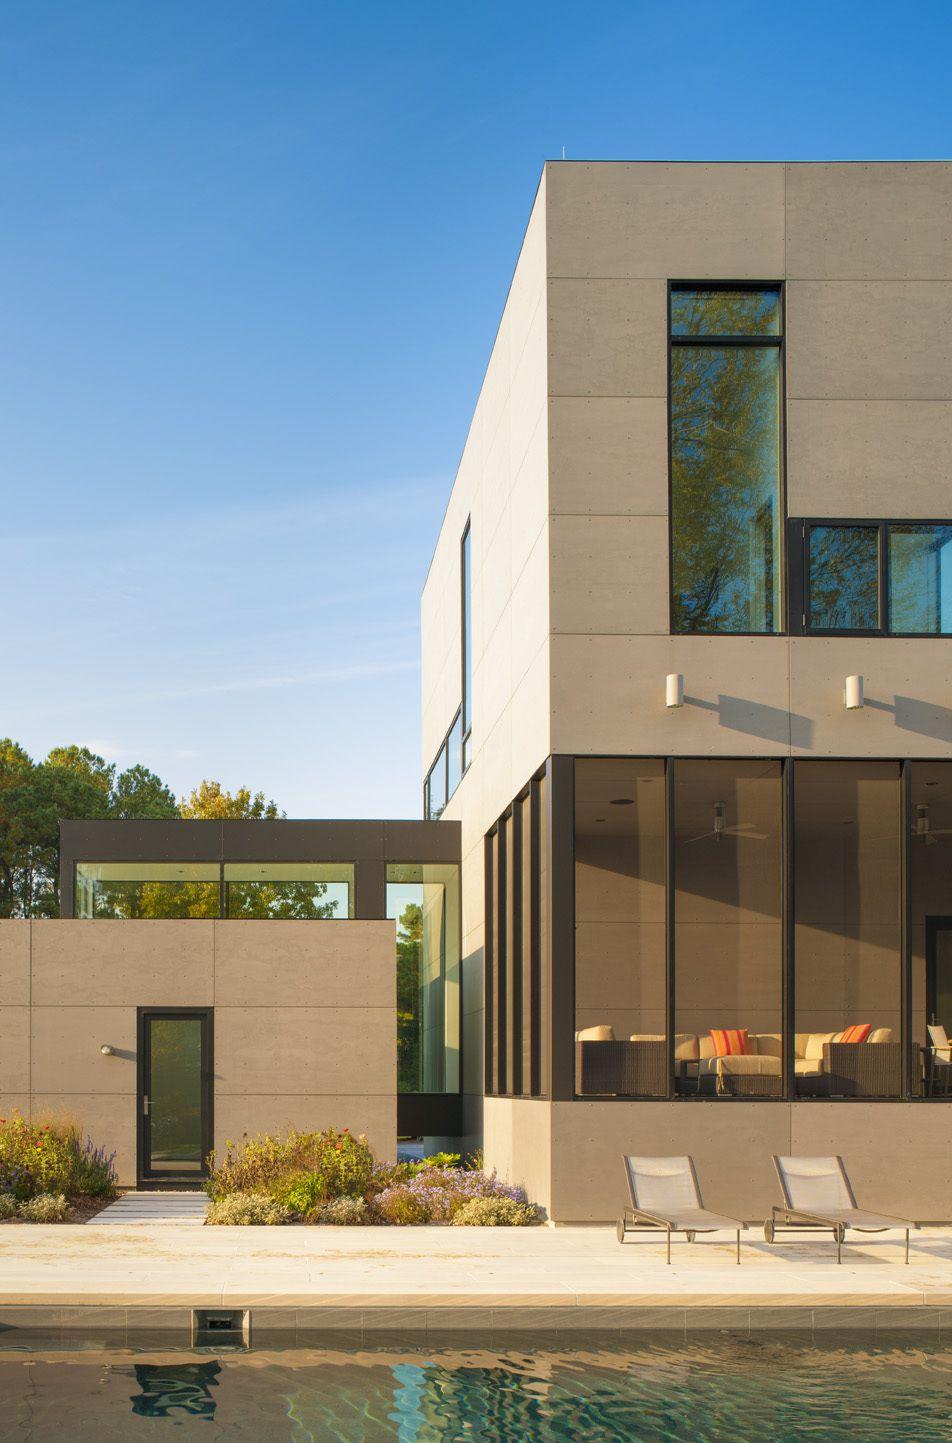 tred-avon-river-house-robert-m-gurney-architect_mackenzie-gurney-guttmanresidence-13